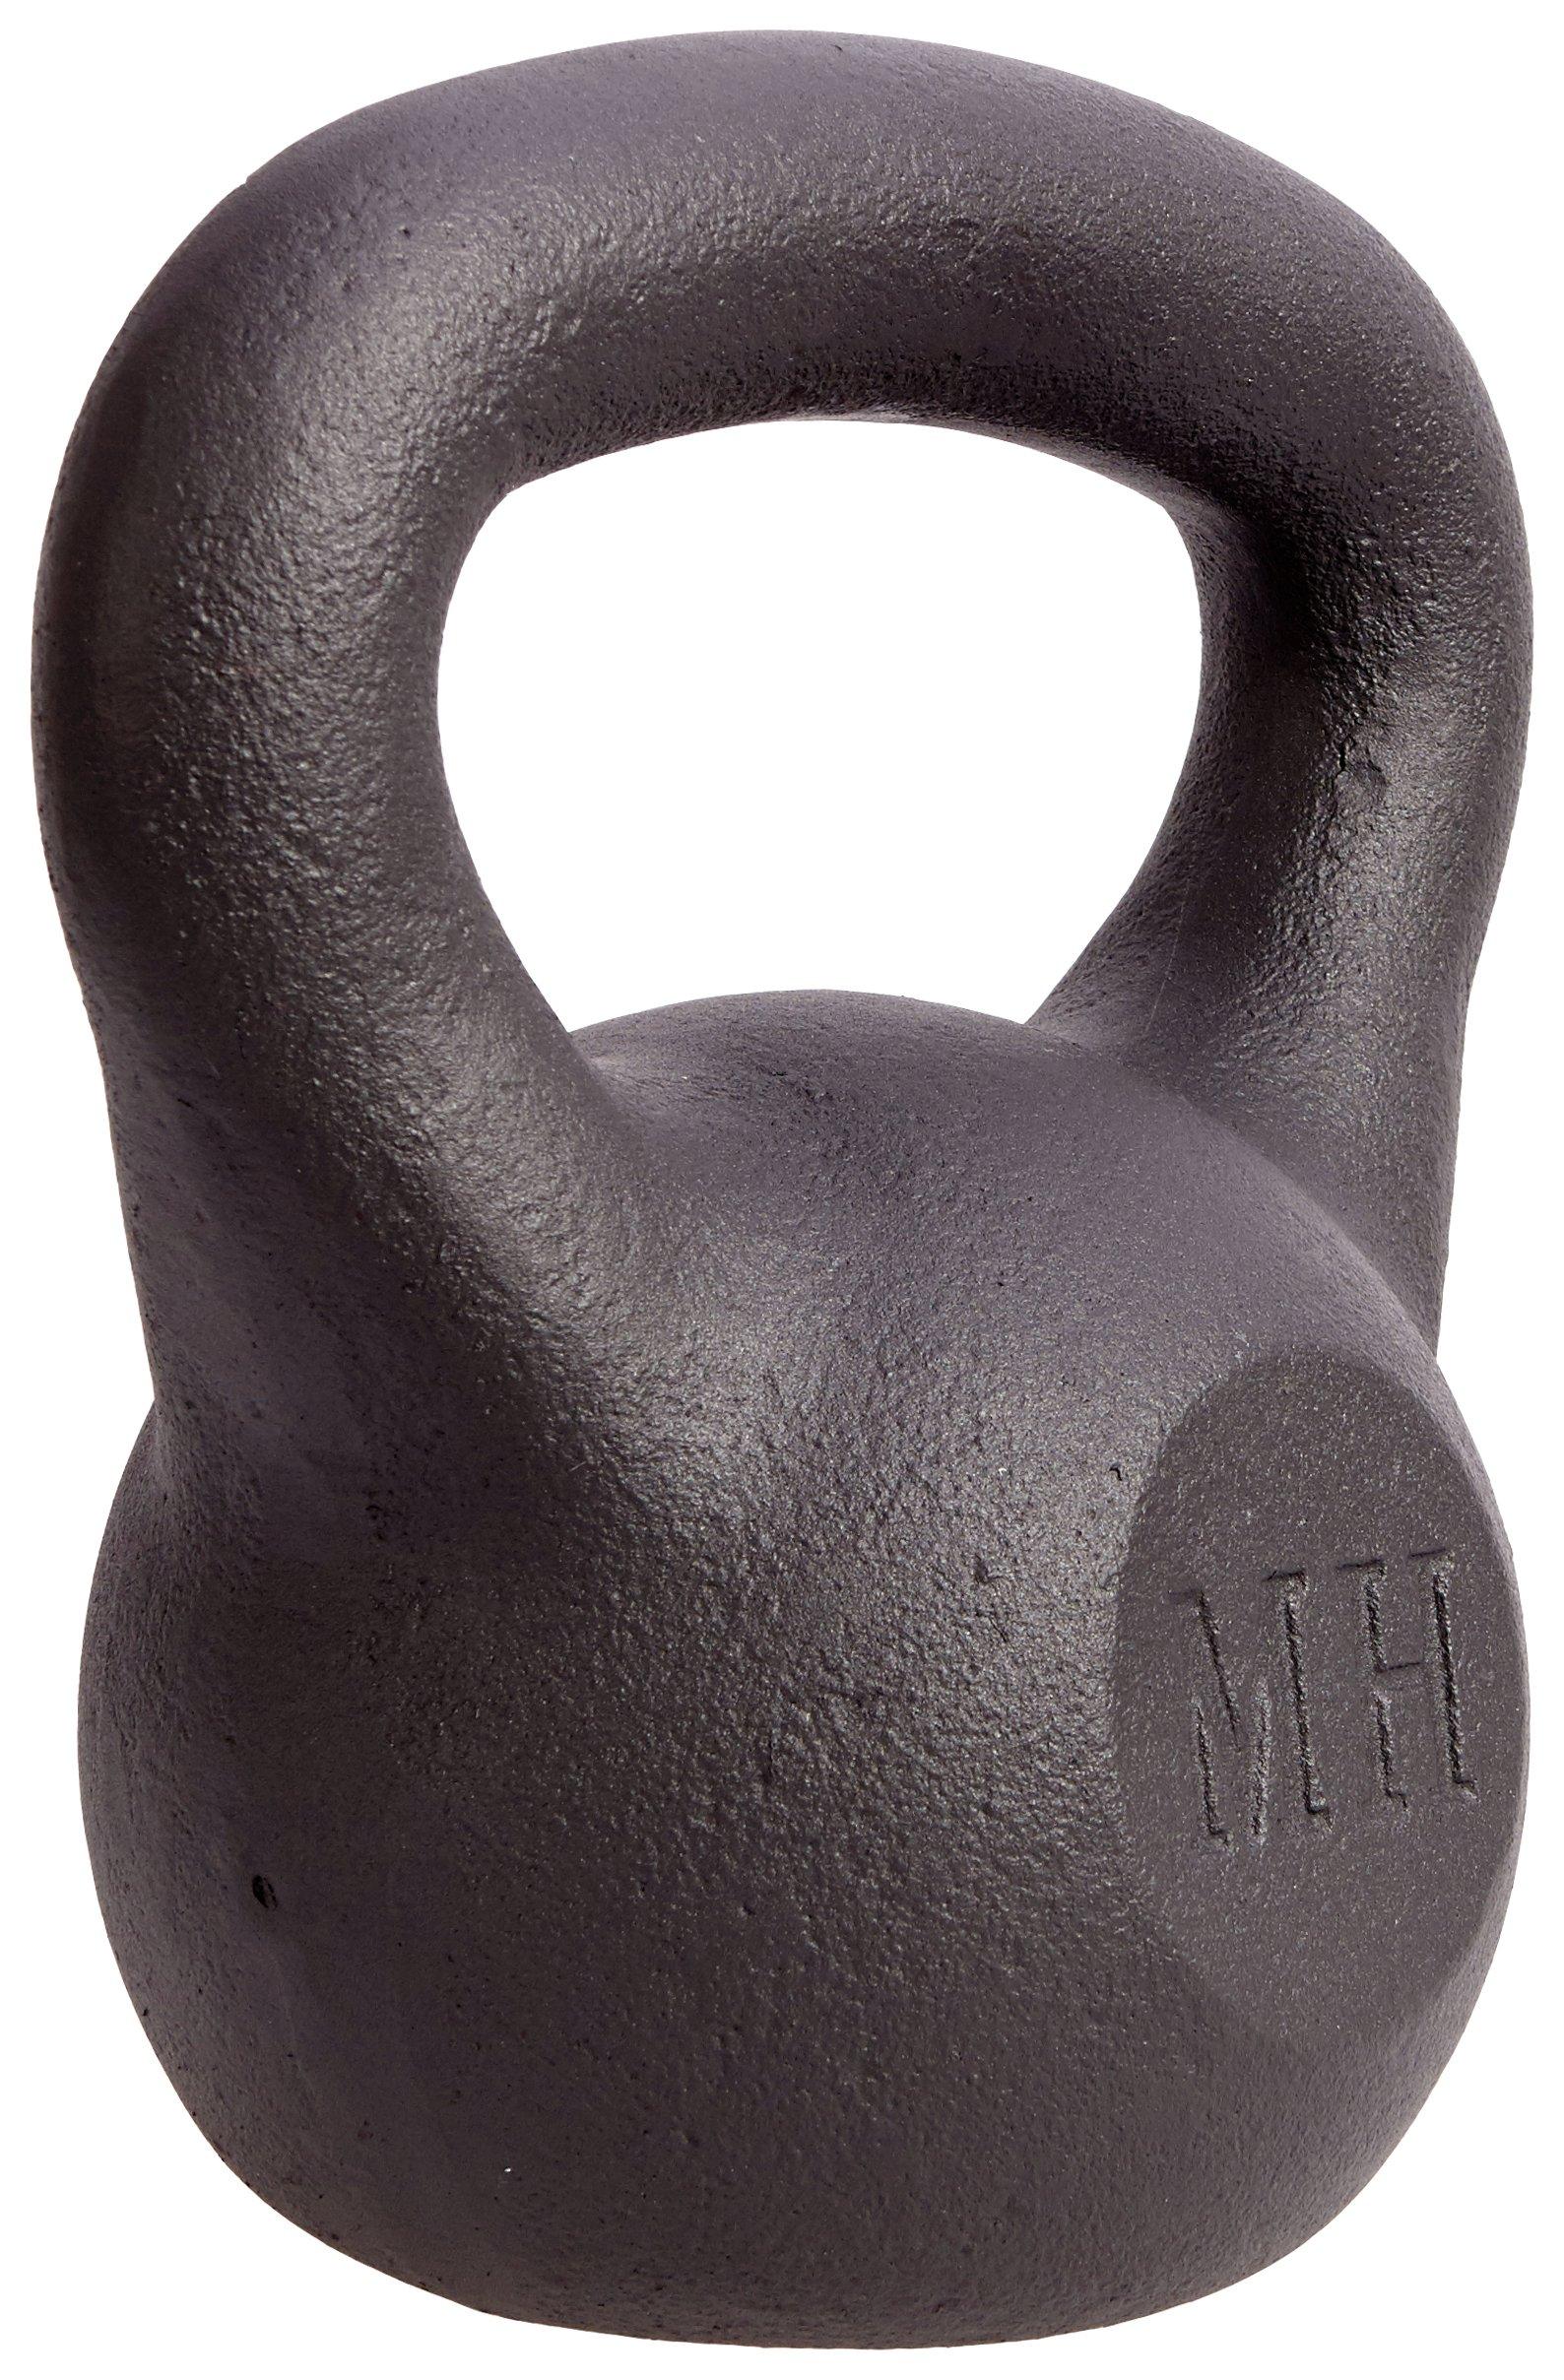 Men's Health Cast Iron Kettlebell 20kg